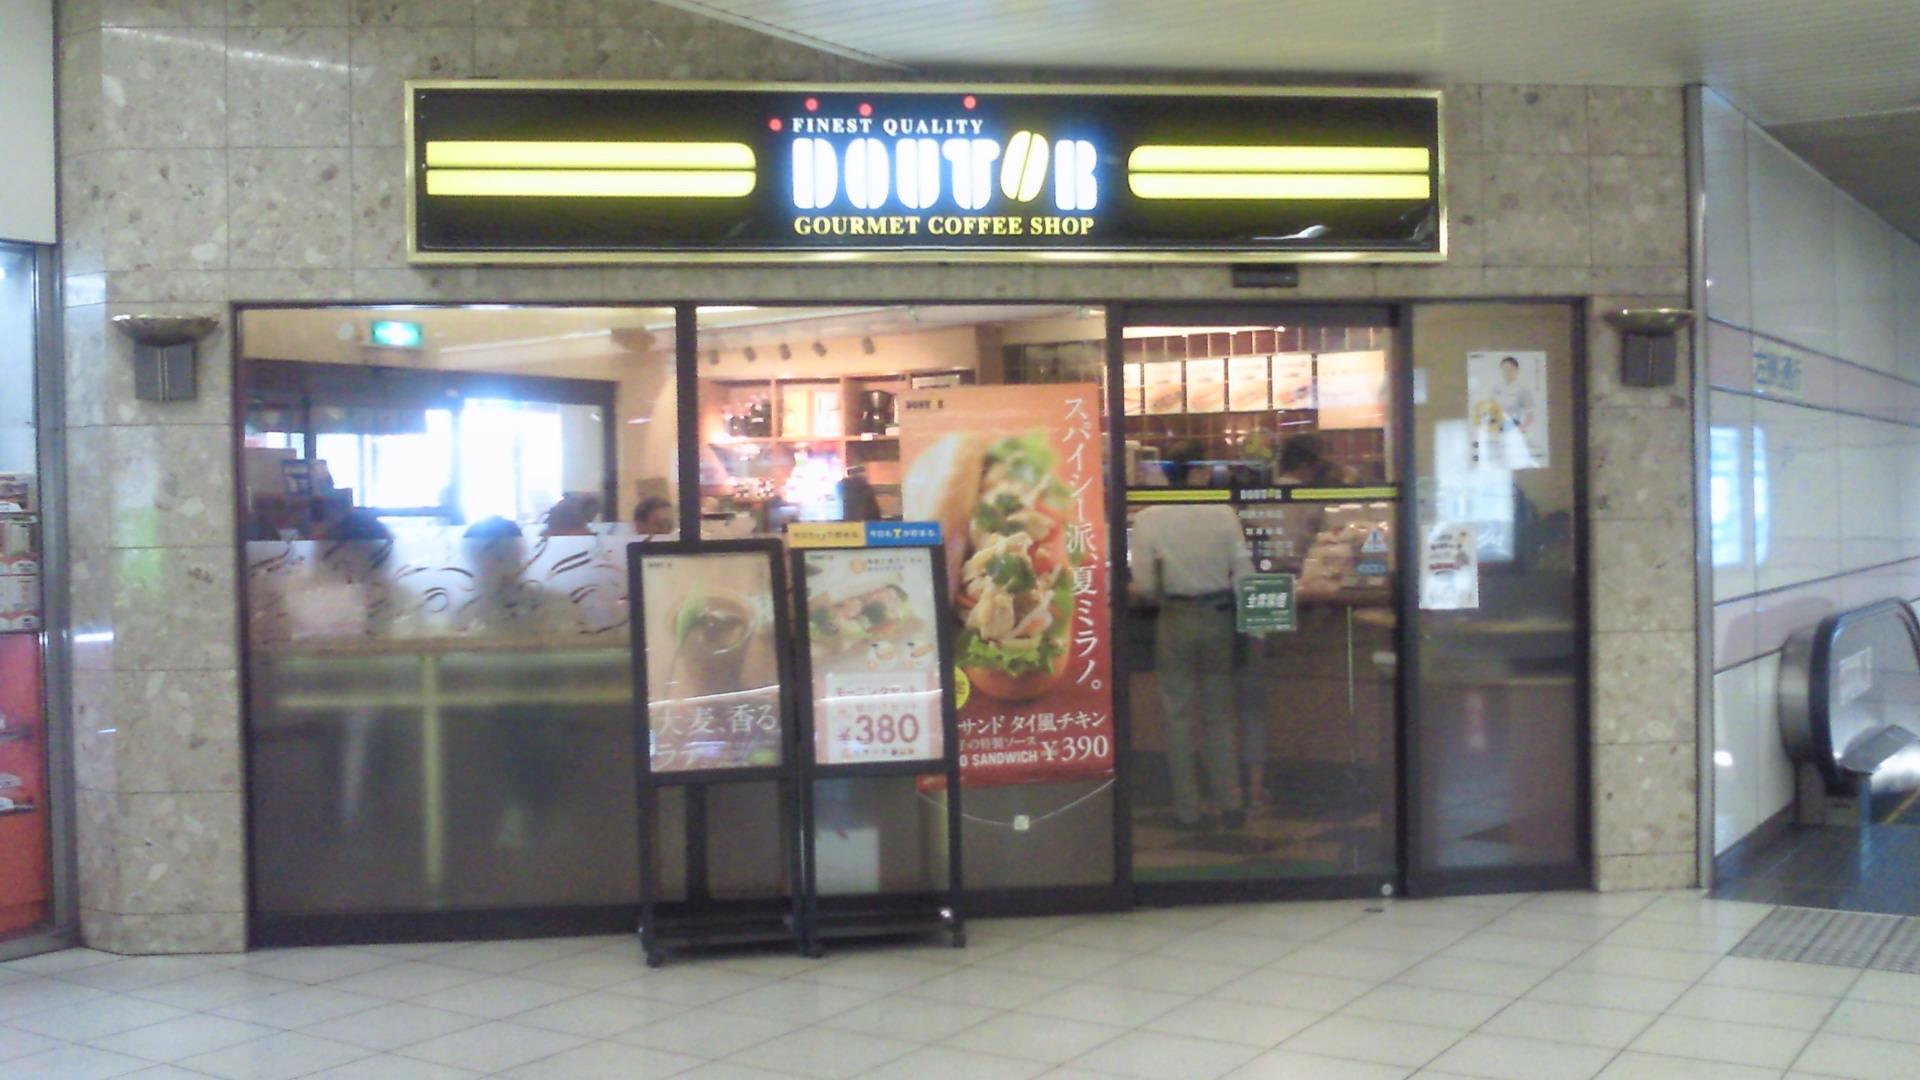 ドトールコーヒーショップ 相鉄大和店